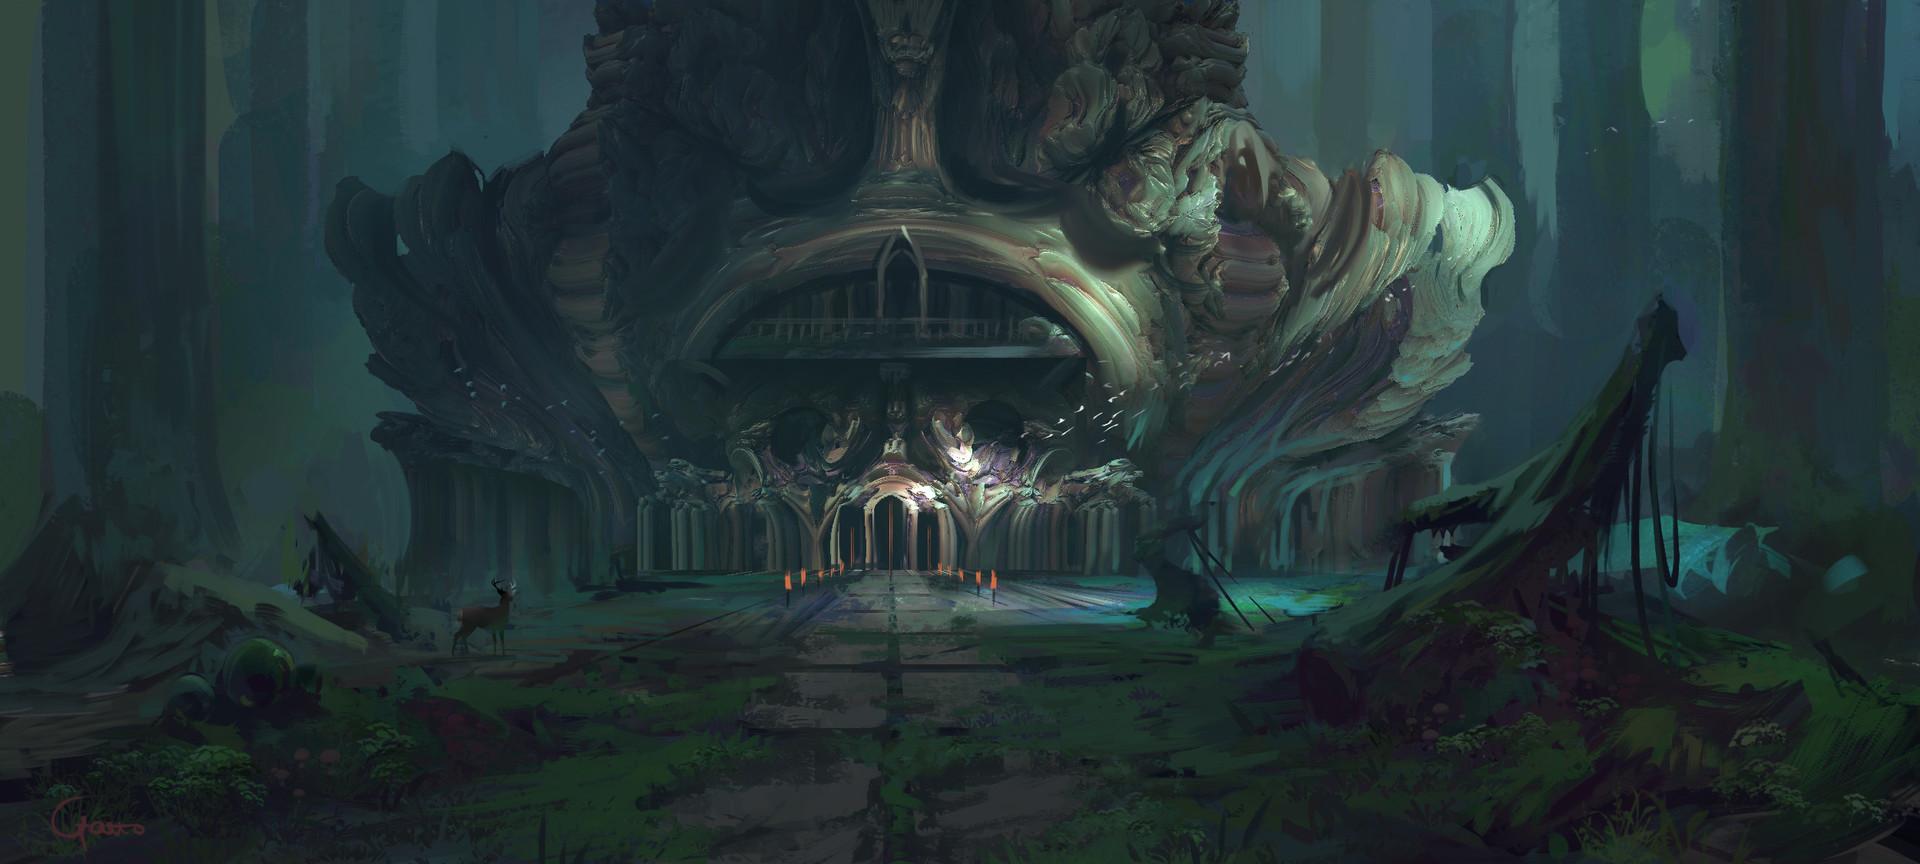 roberto-gatto-forest-mausoleum.jpg